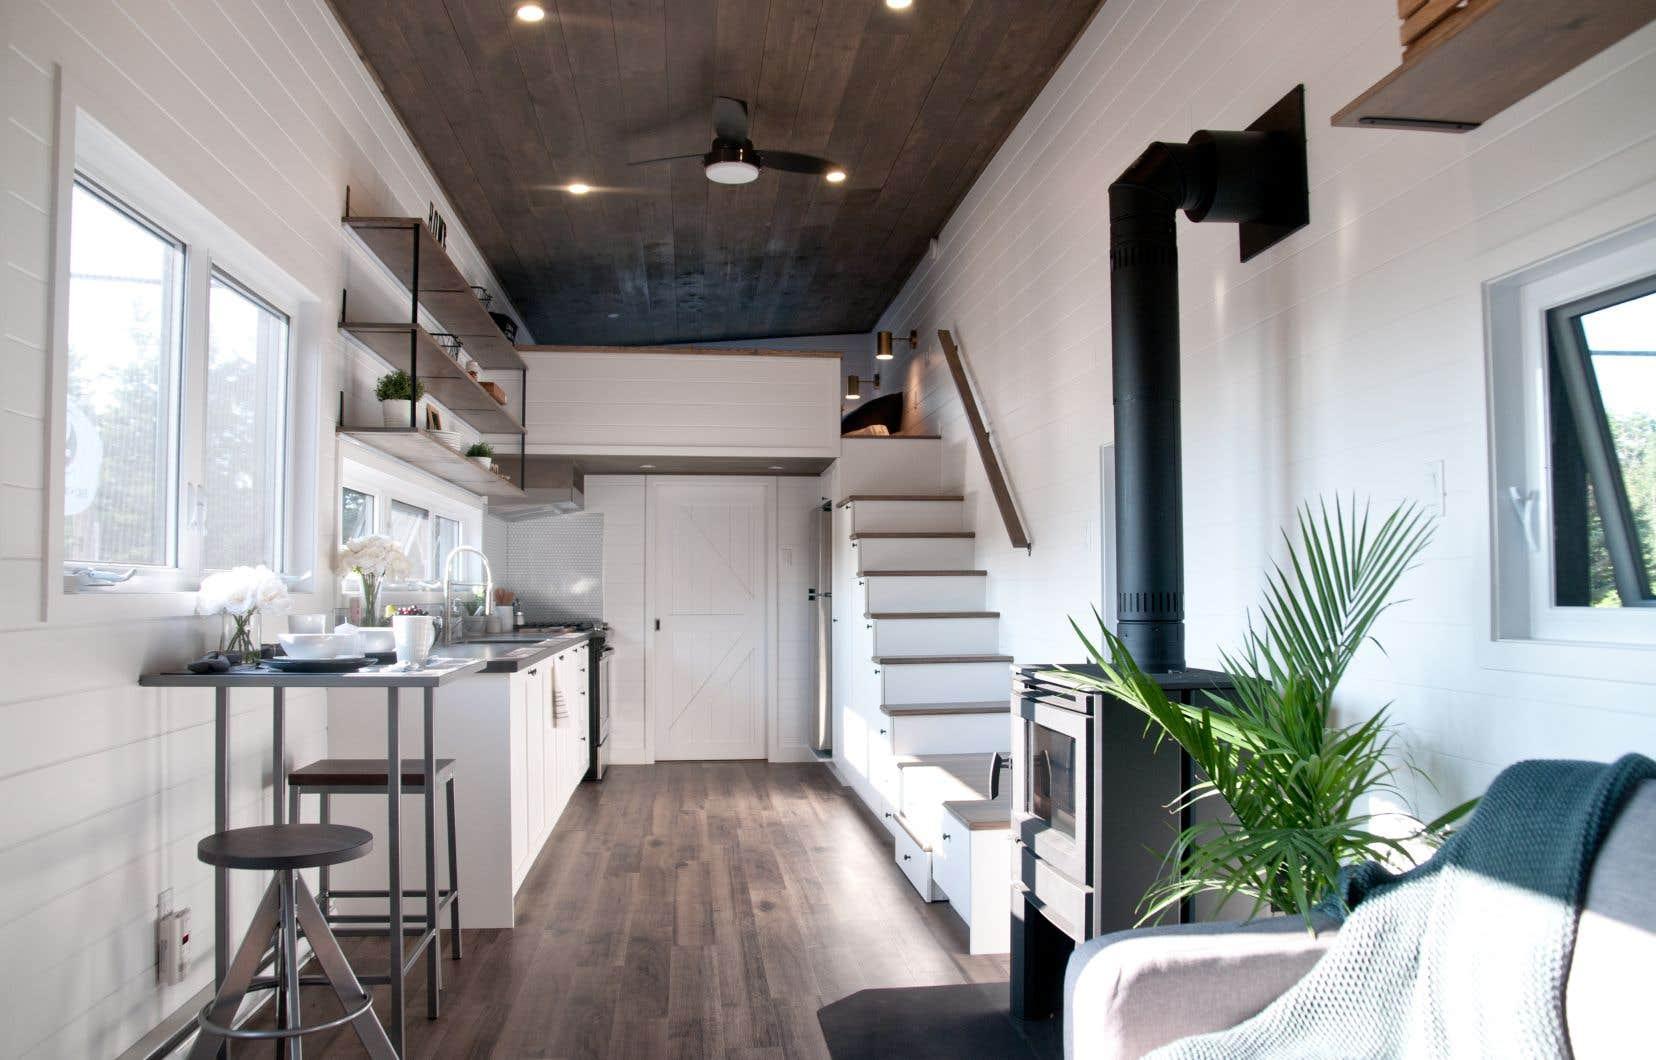 L'entreprise Minimaliste Houses a élaboré un prototype de minimaison motivé par la réduction de l'empreinte écologique, mais aussi par le mode de vie en «tinyhouse» comme présenté dans les différentes émissions de télévision.